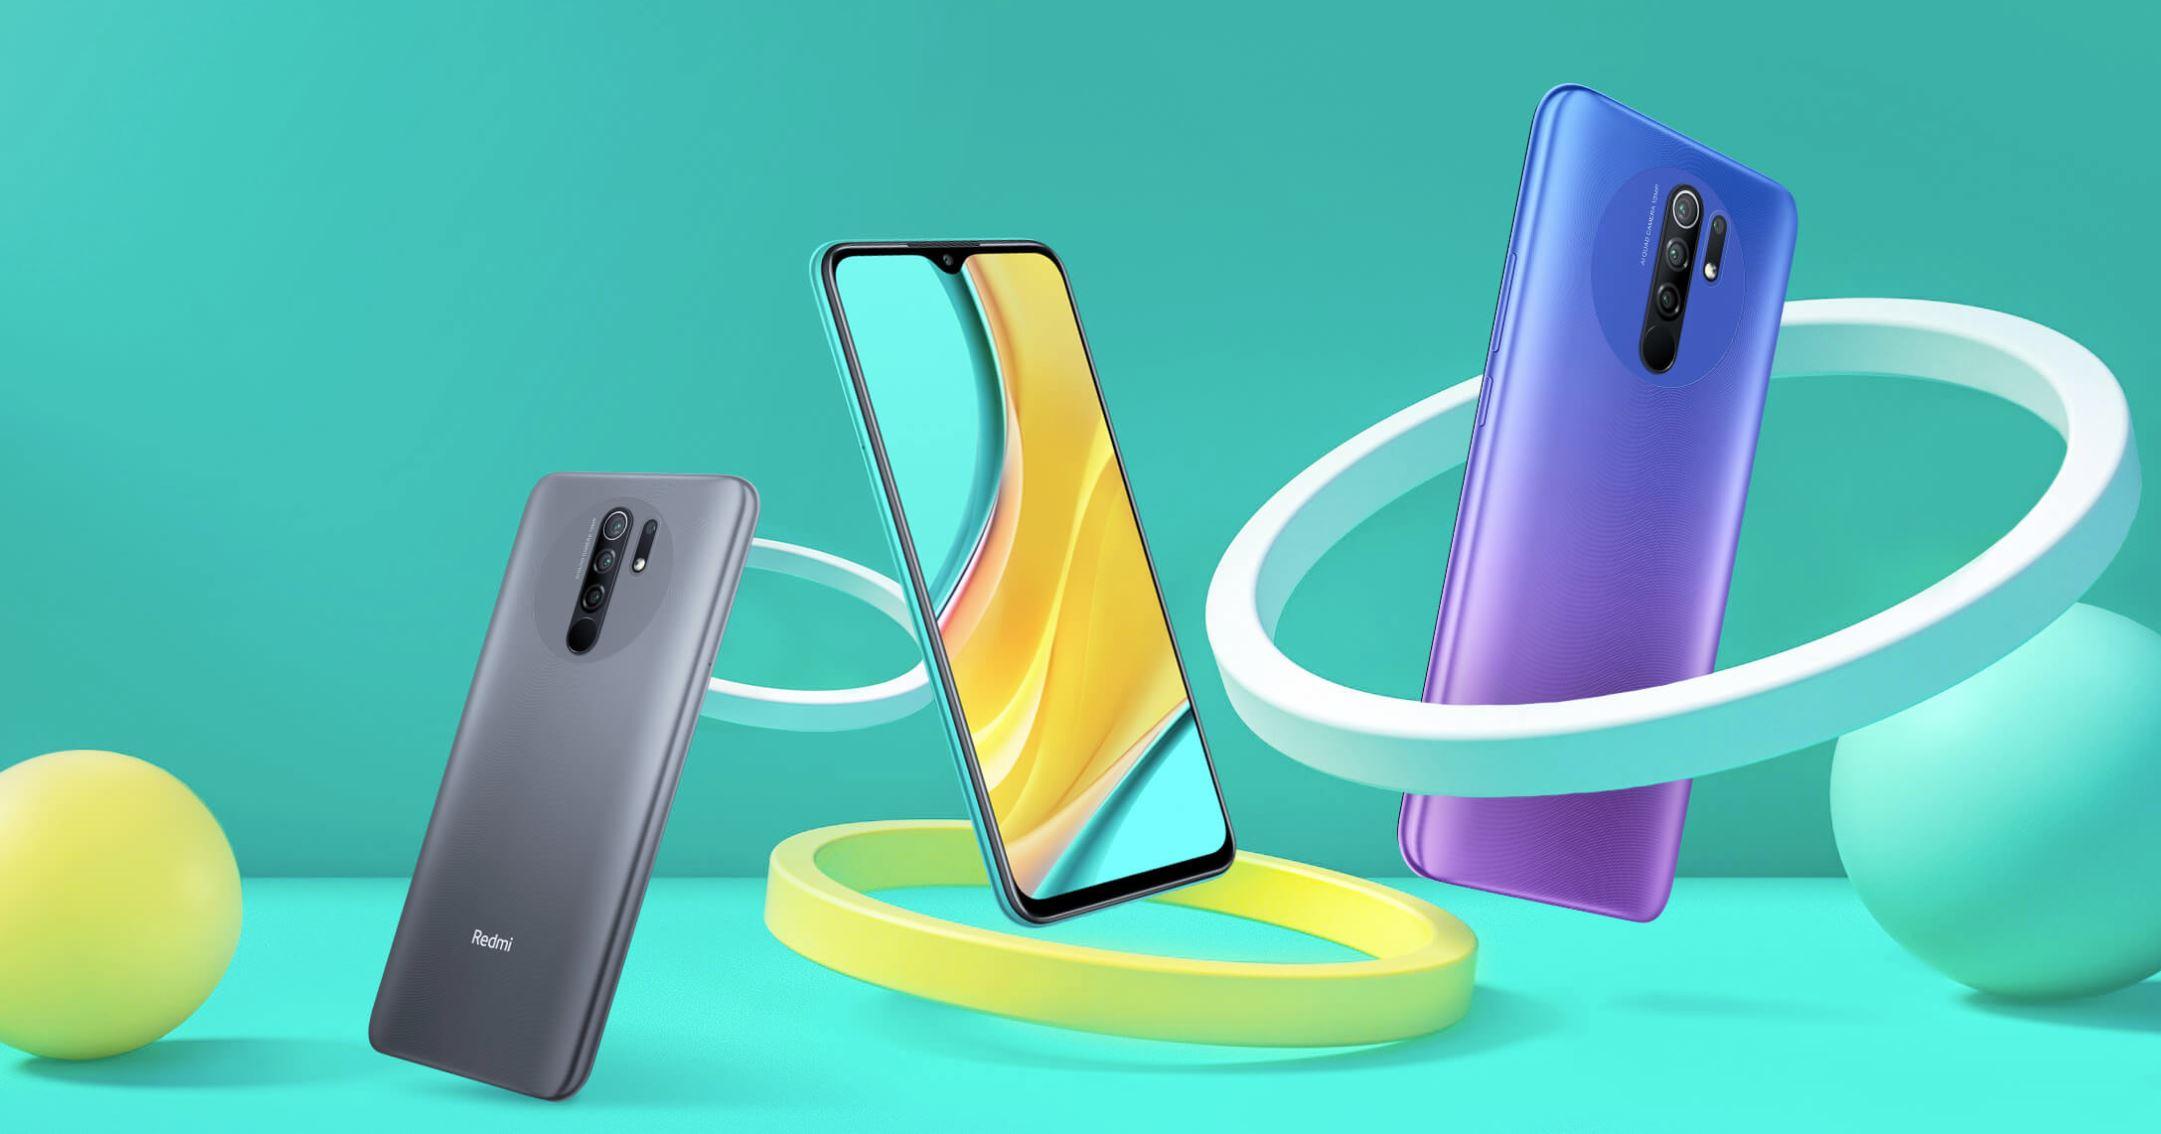 Xiaomi-verkauft-Smartphone-f-r-90-Euro-Redmi-9-4-64-GB-erlebt-Preissturz-f-r-nur-einen-Tag-